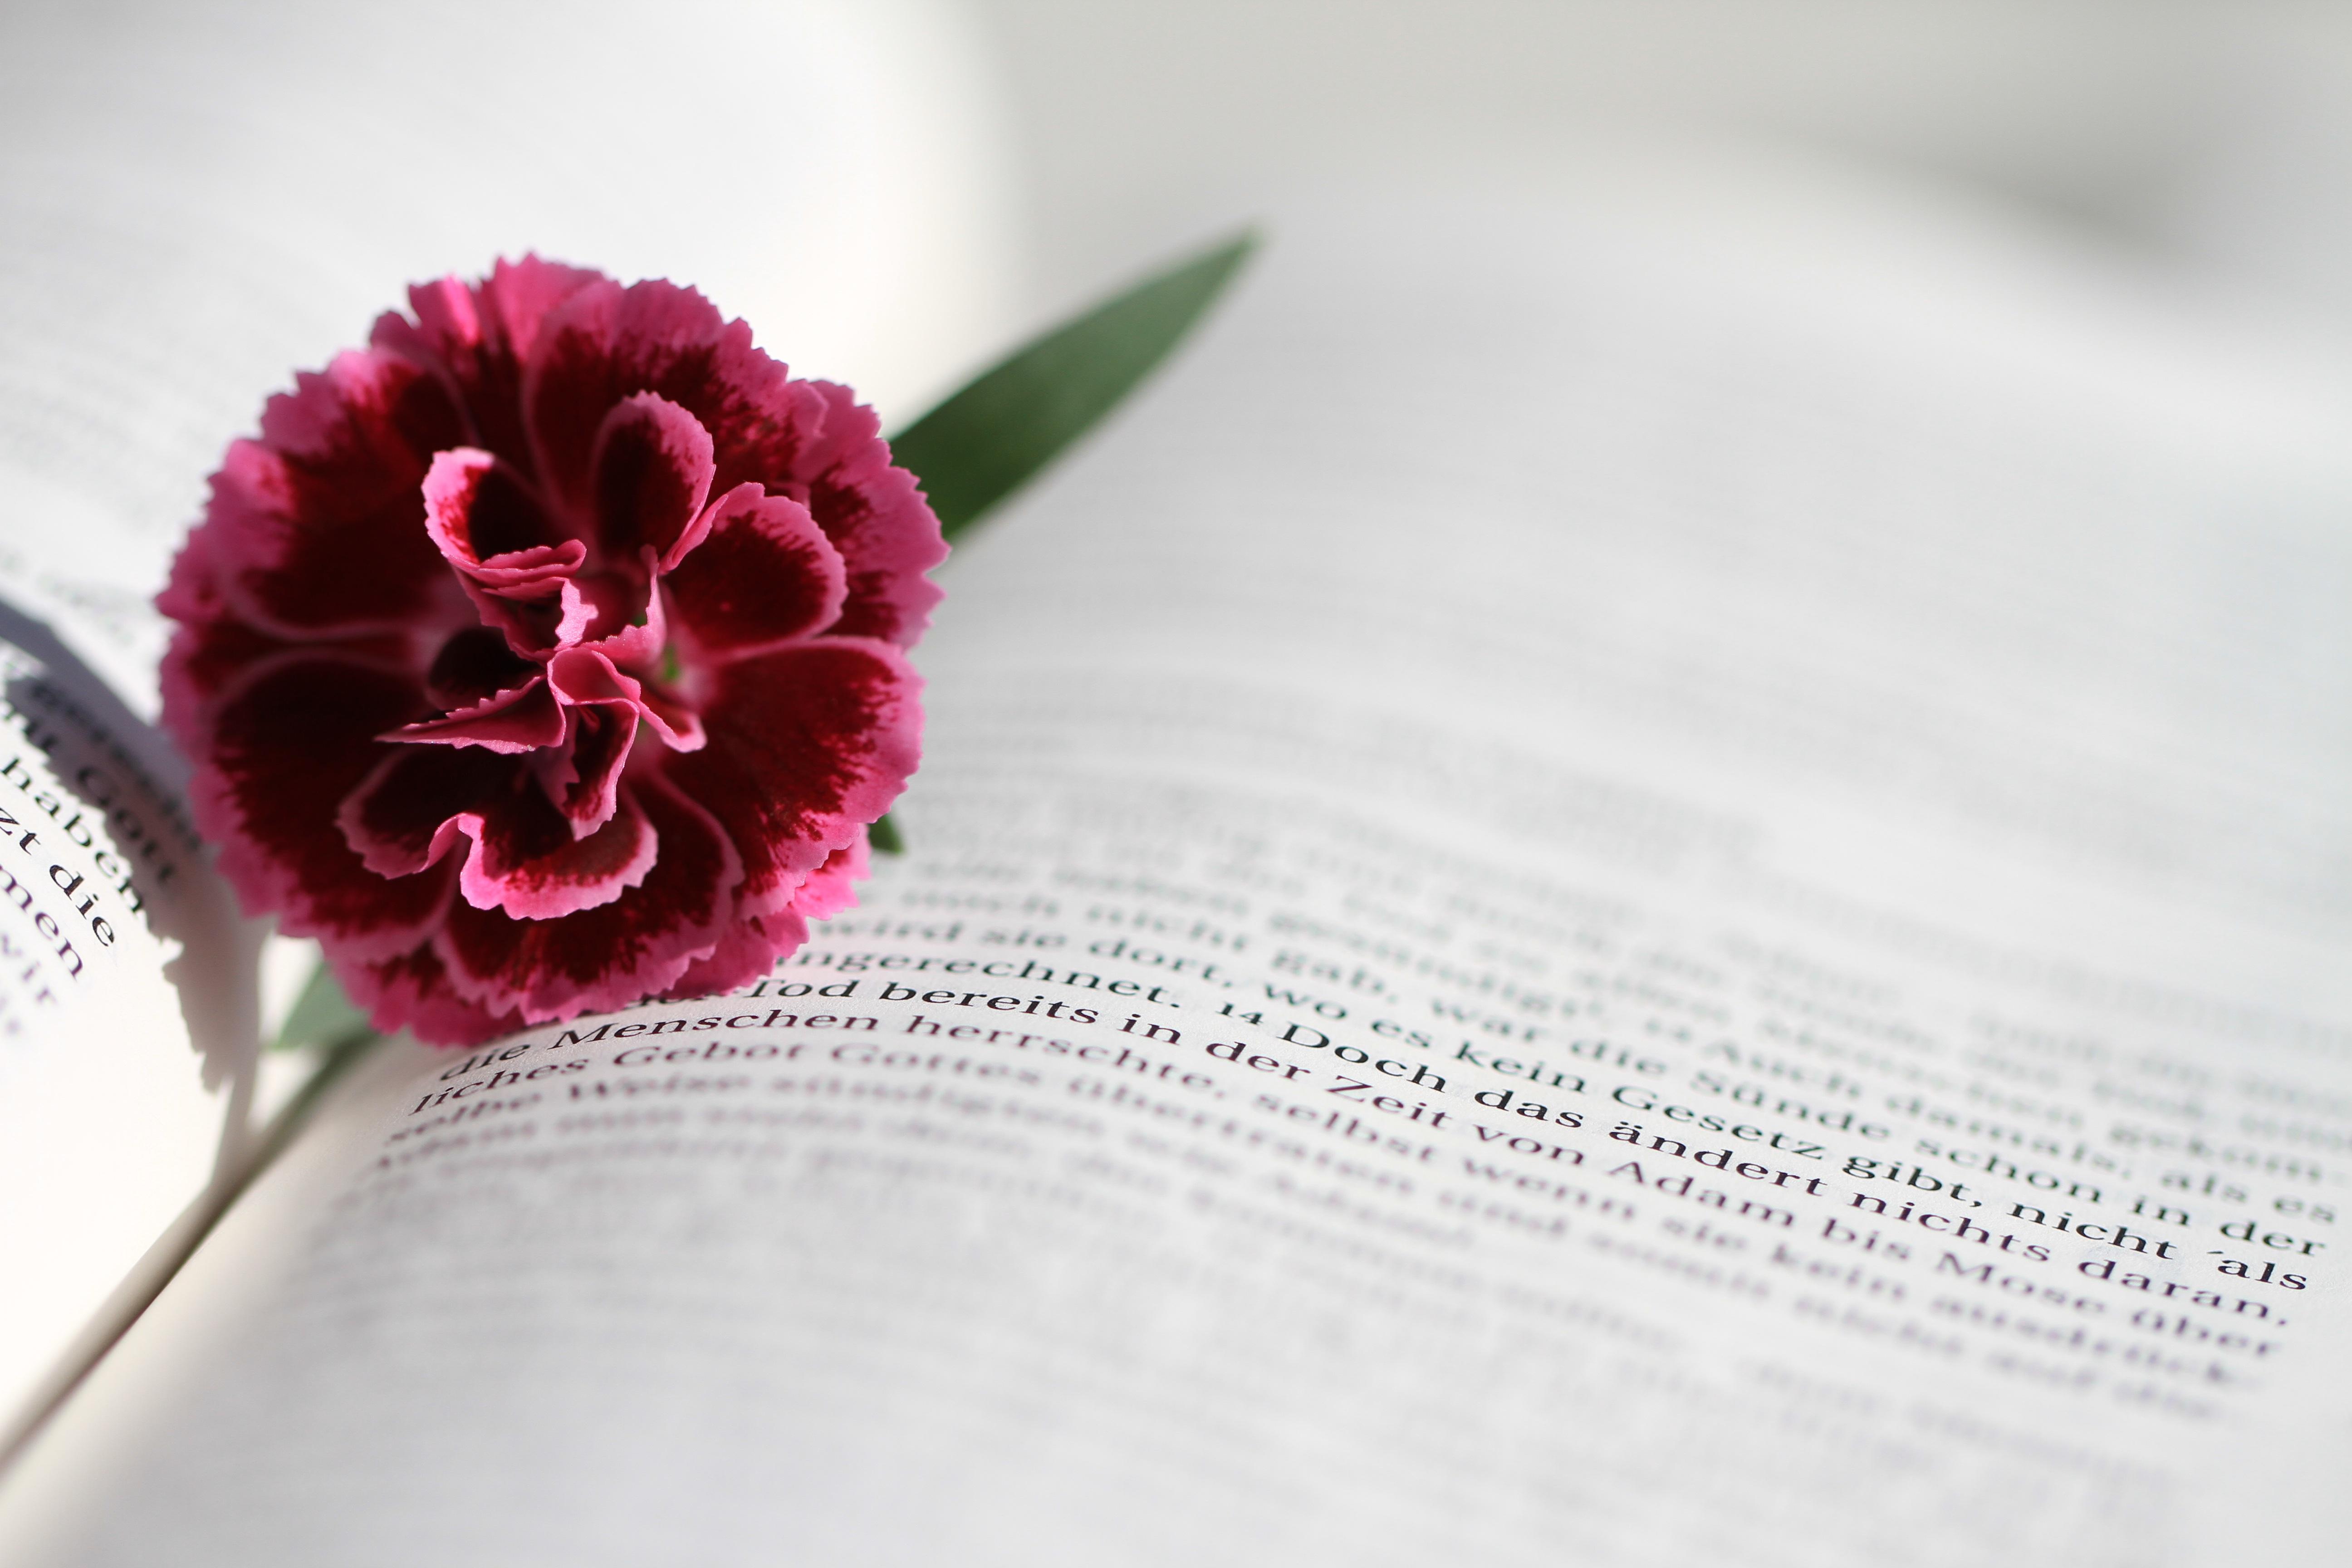 Fotos gratis : flor, libro, leer, fotografía, pétalo, florecer ...